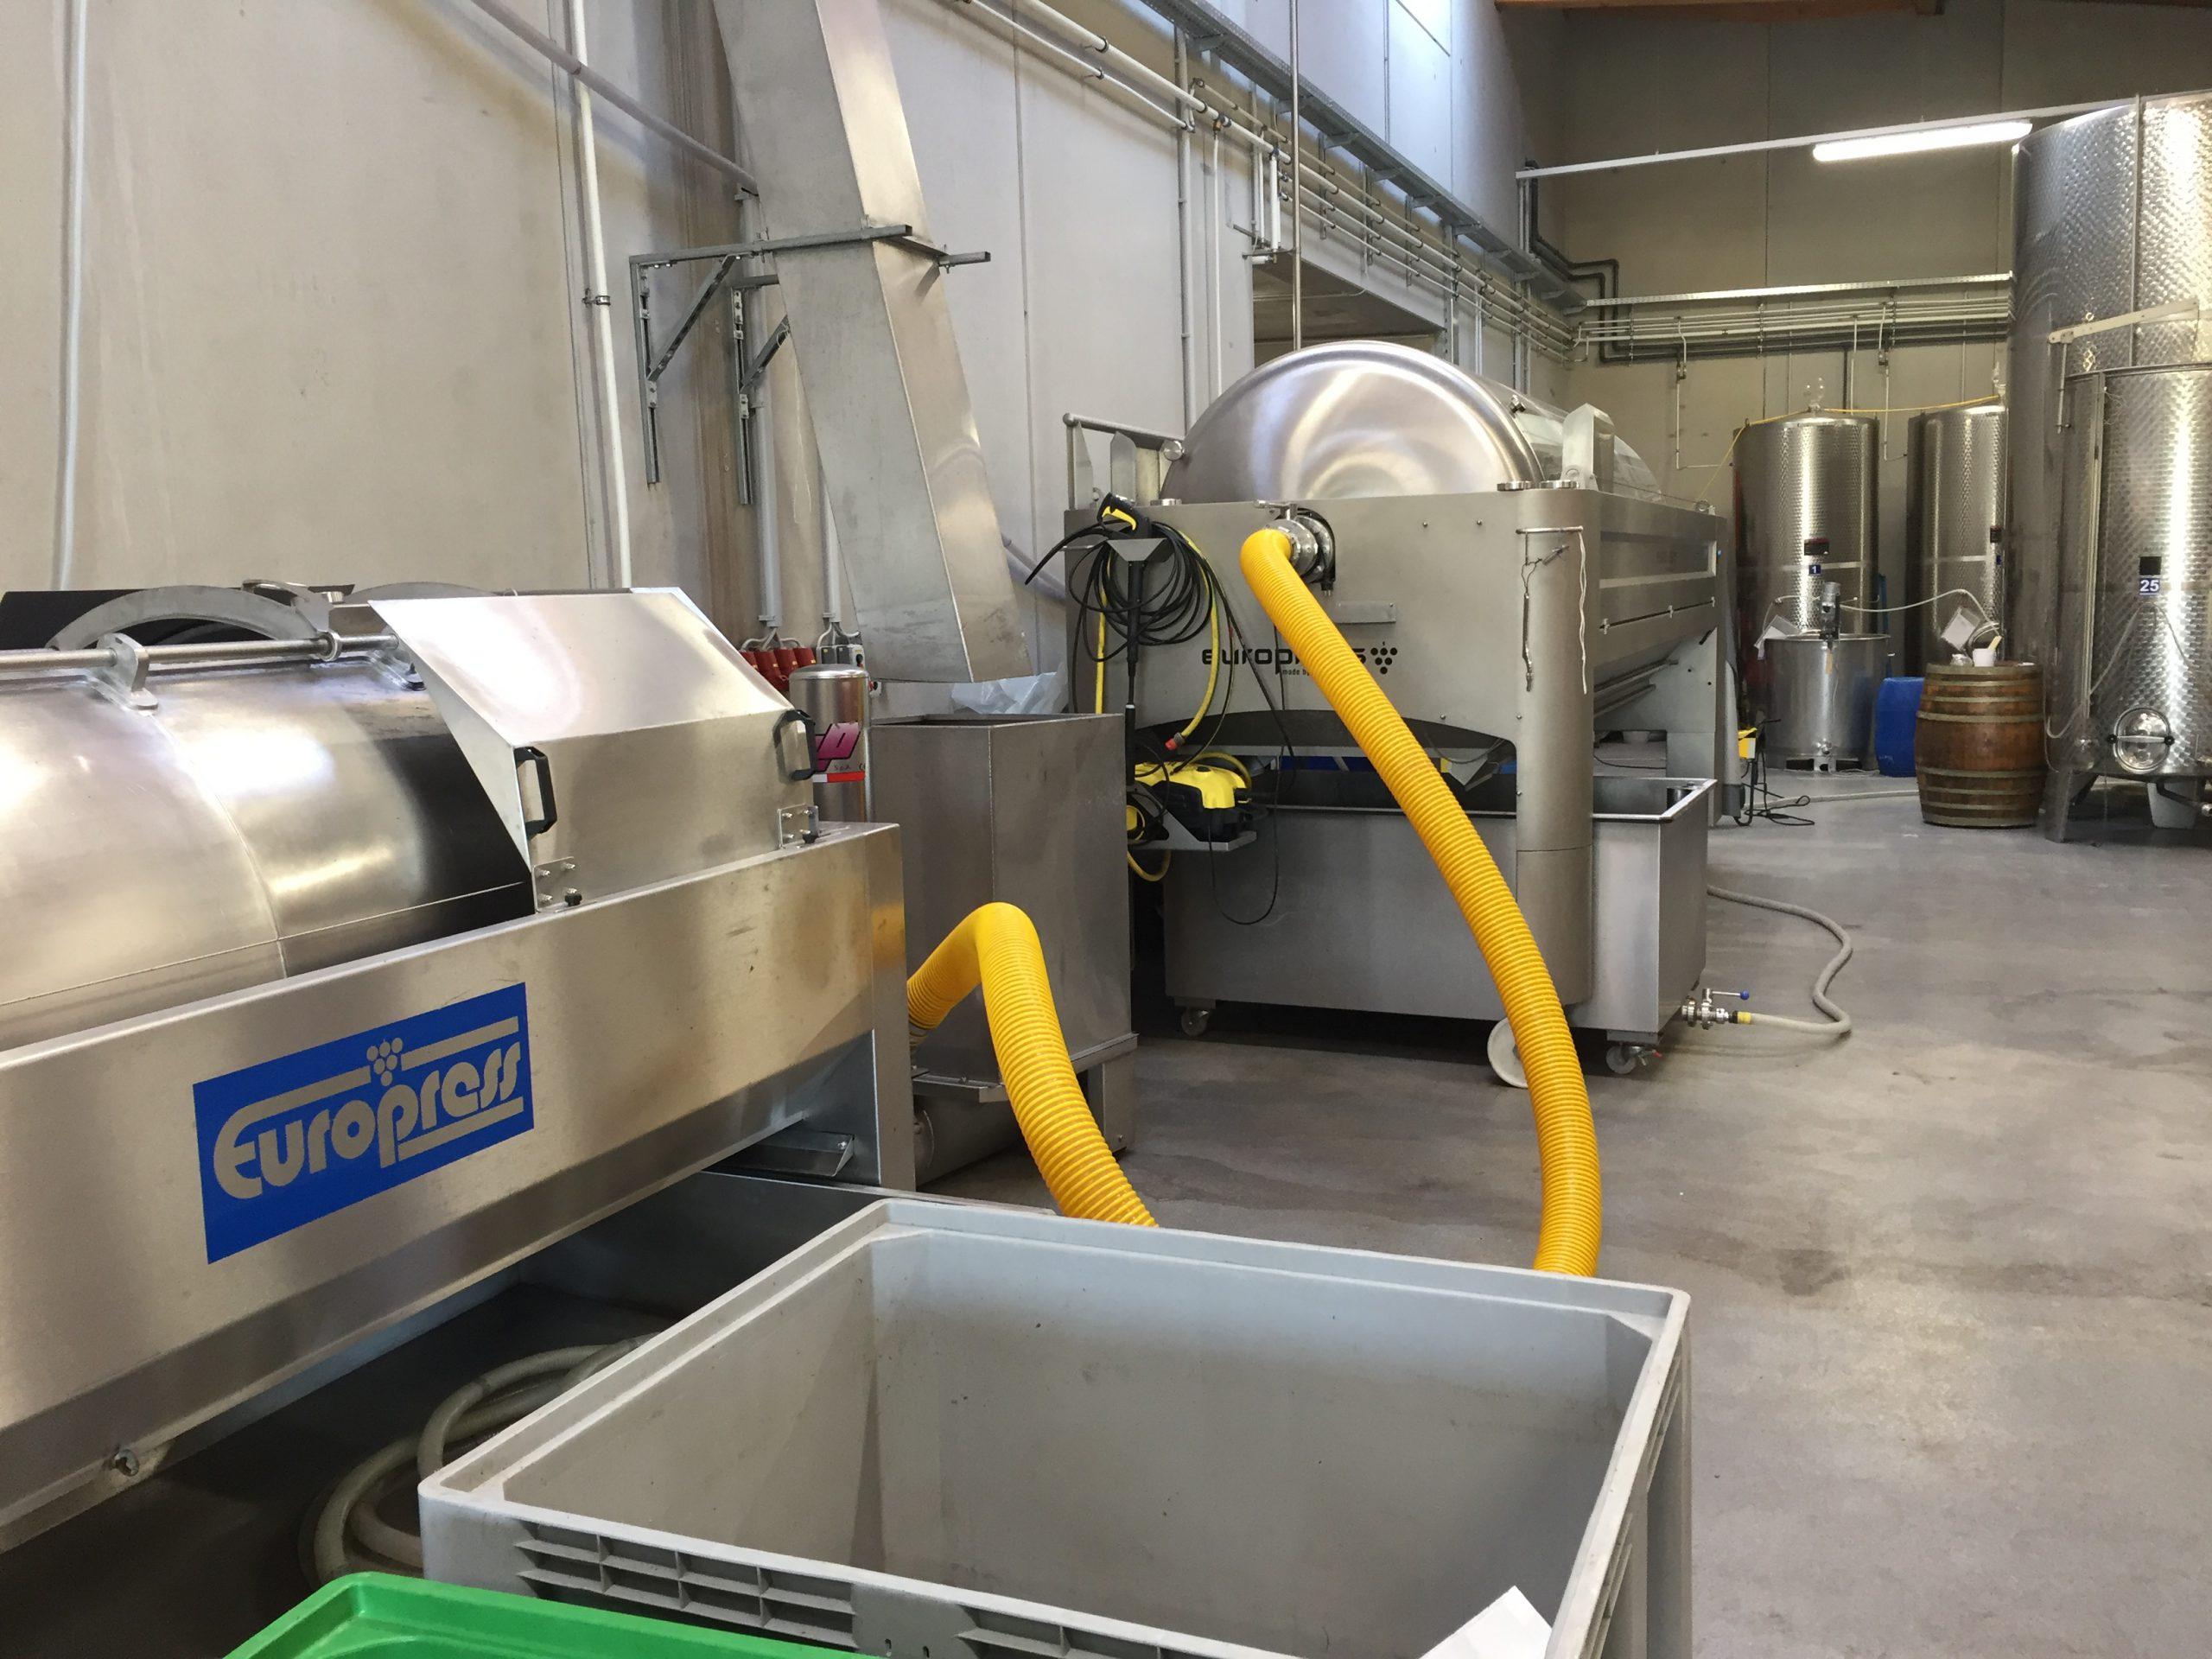 Weingut Mittelbach presses